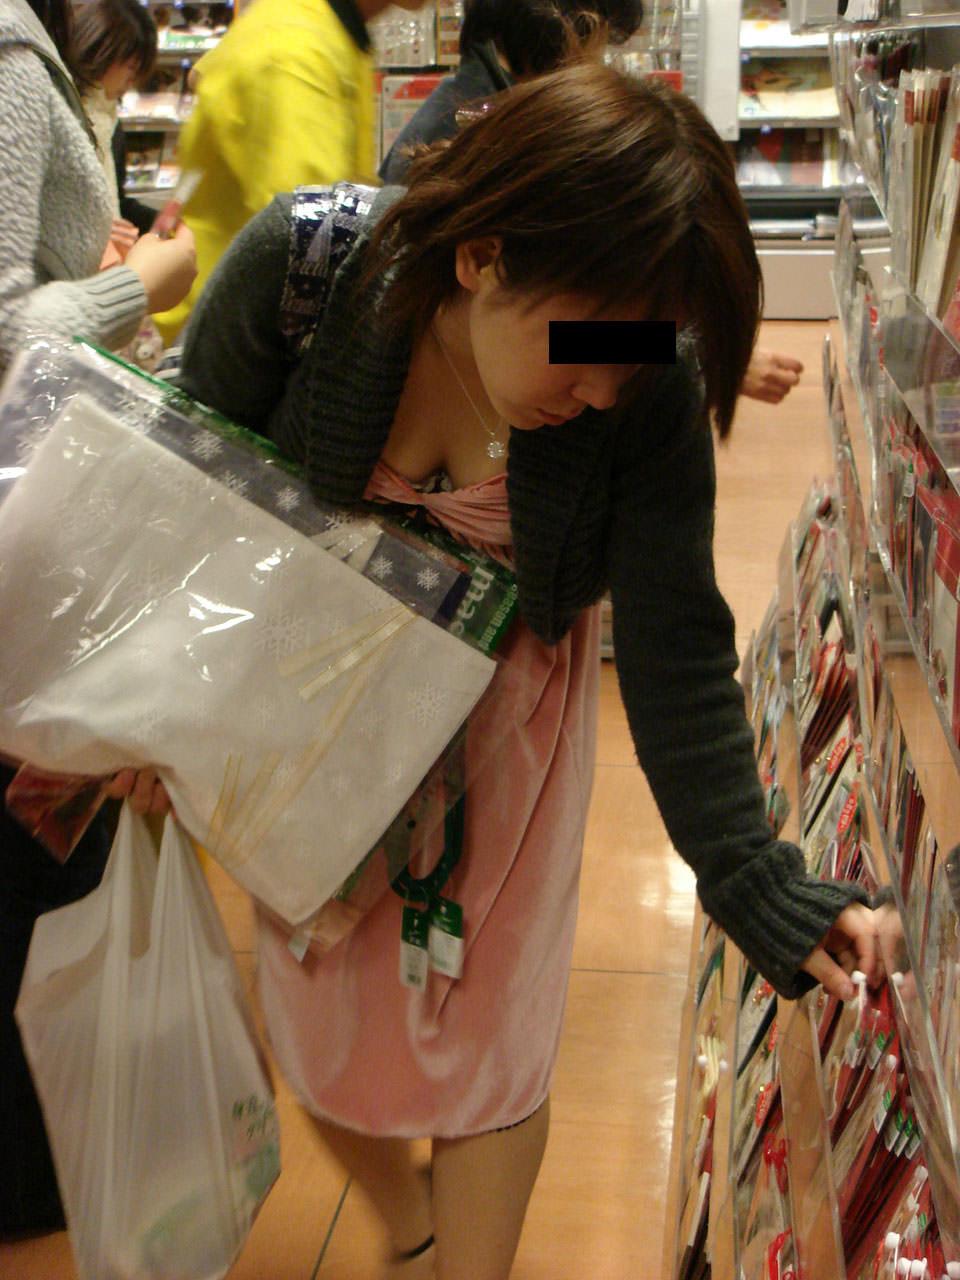 買い物に夢中の素人お姉さんの胸チラ!